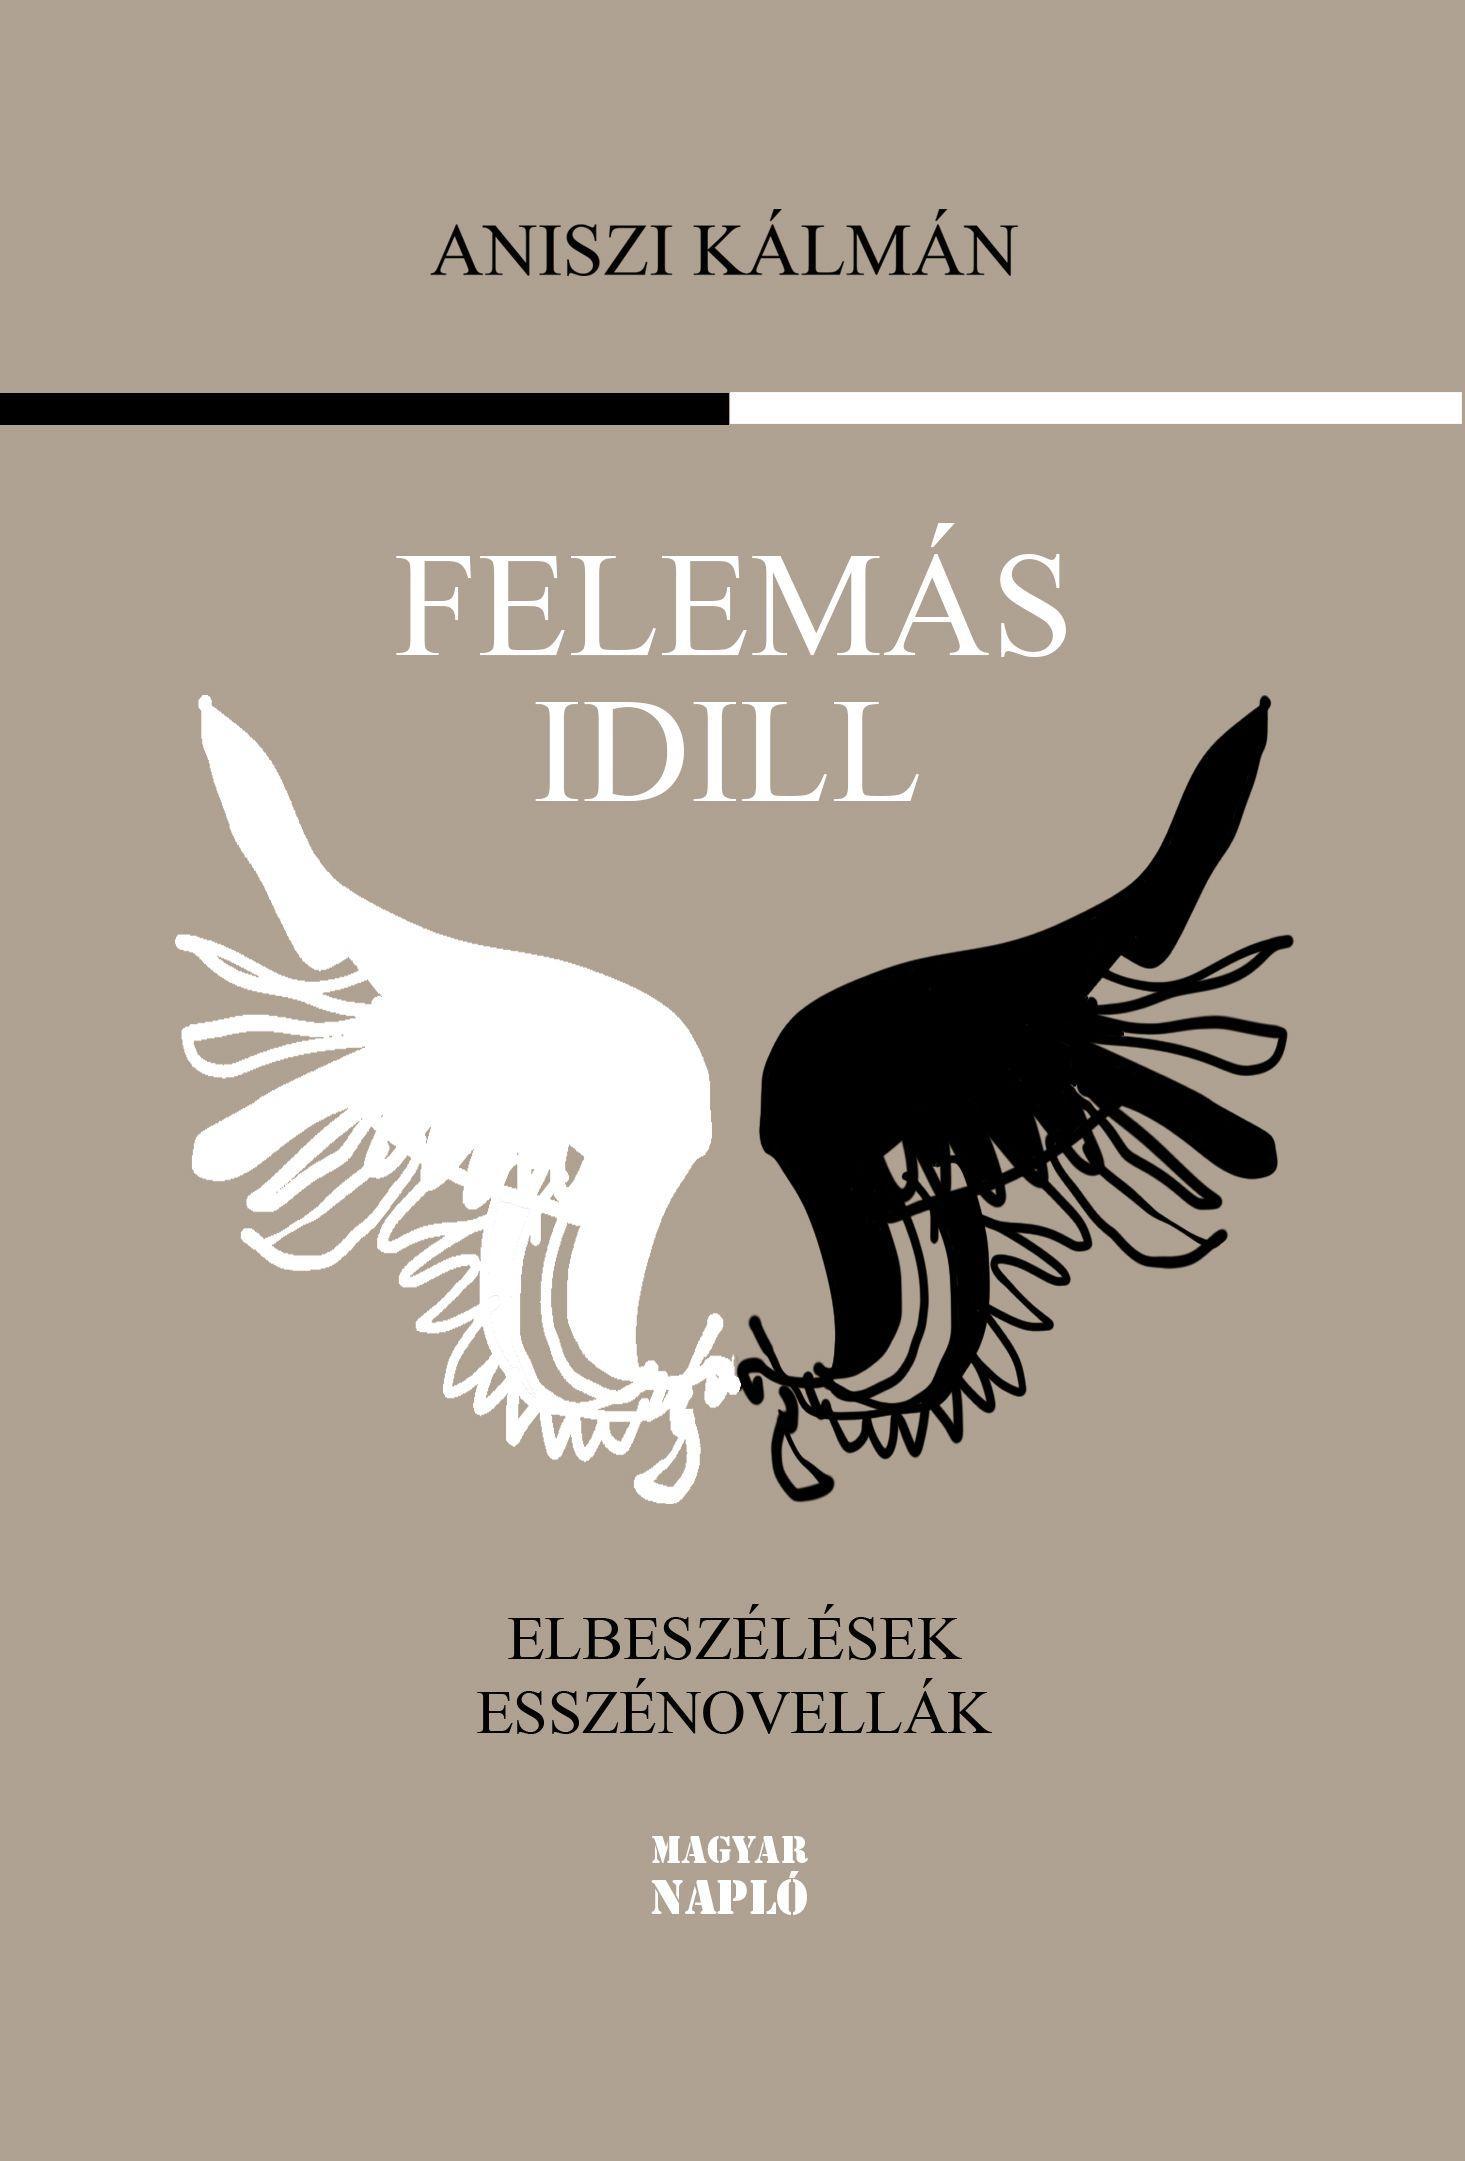 FELEMÁS IDILL